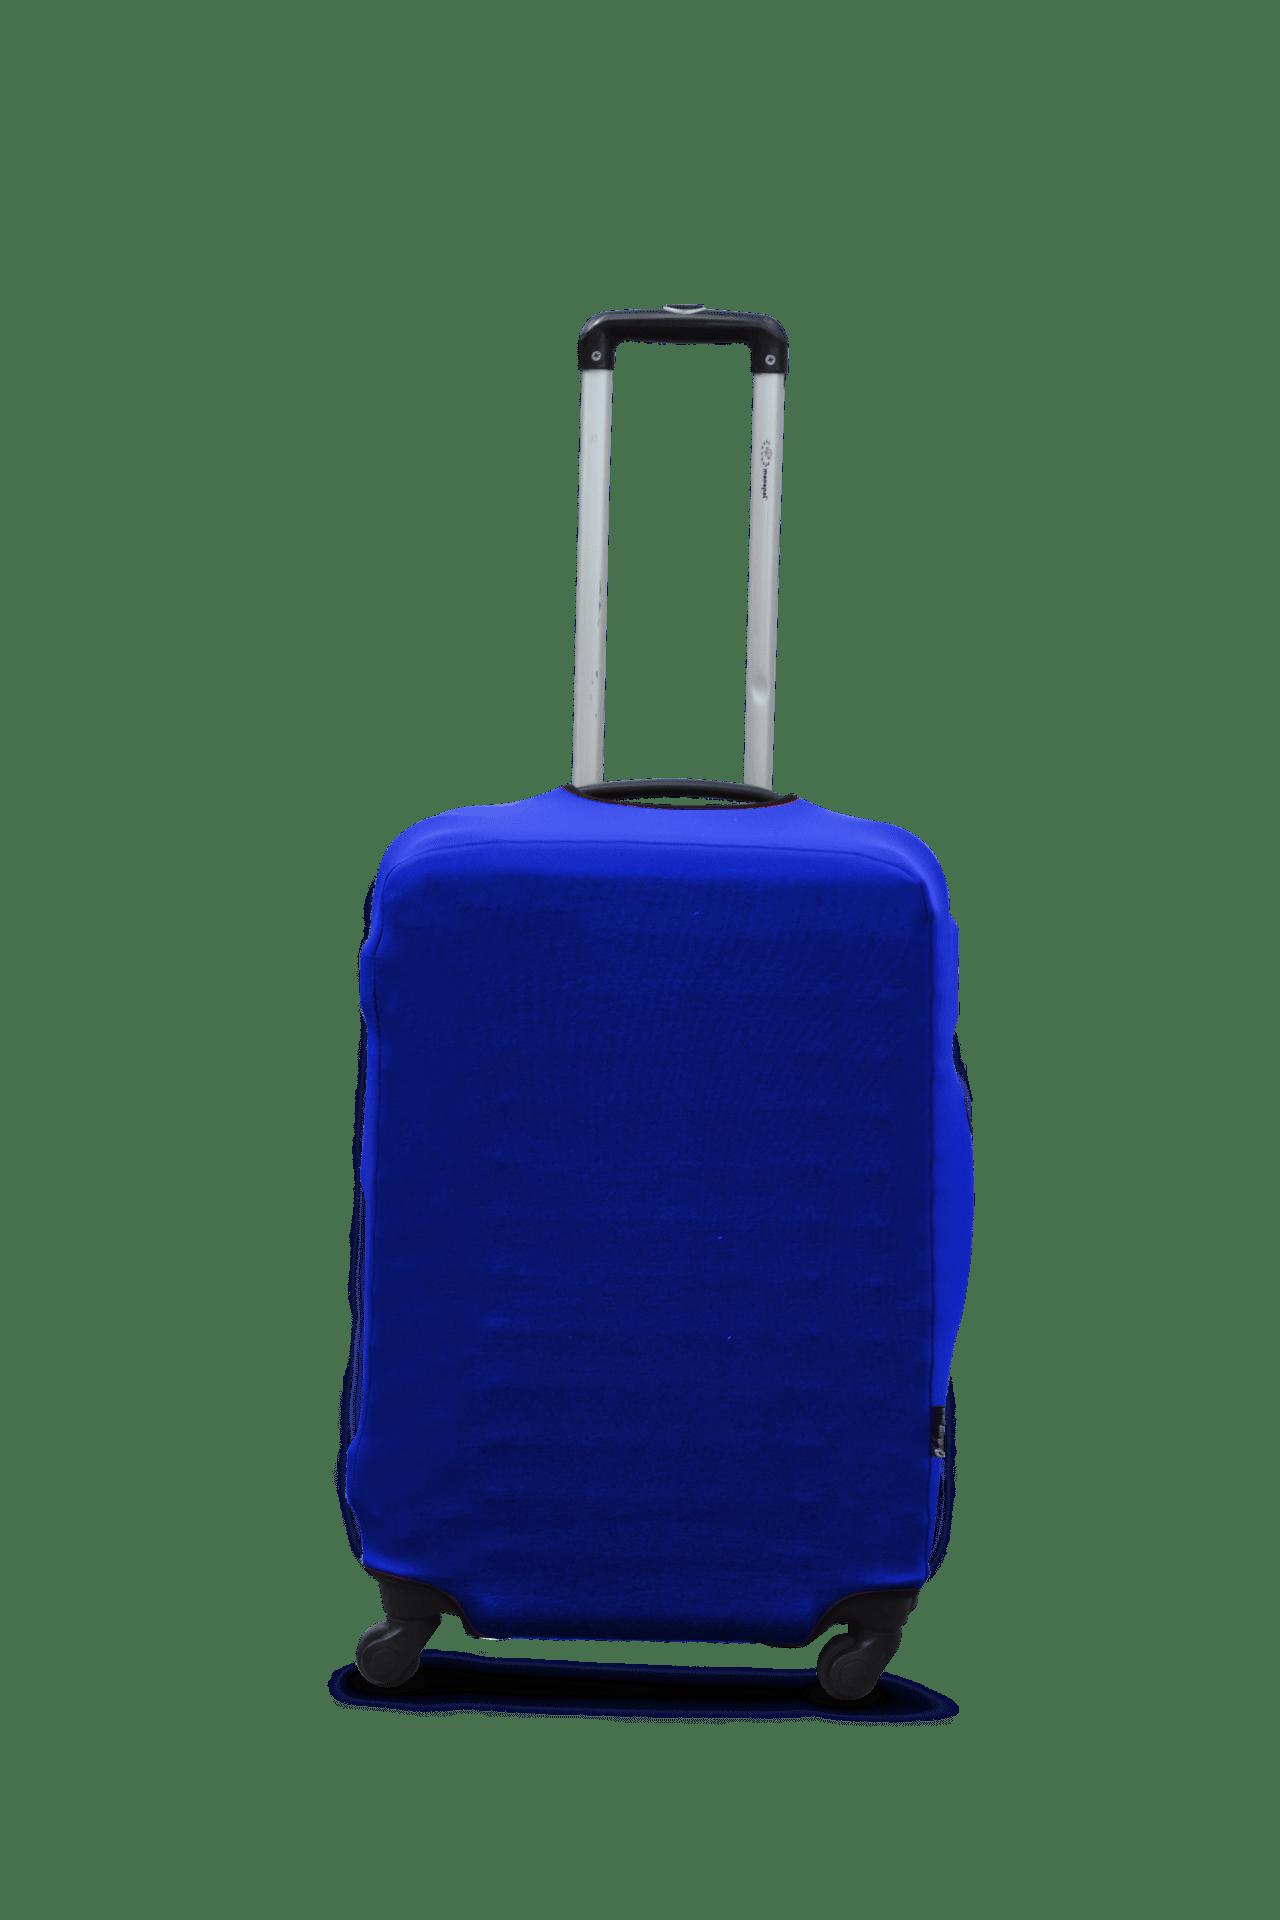 Husa pentru valiza daiving Cover dawing M ELECTRO